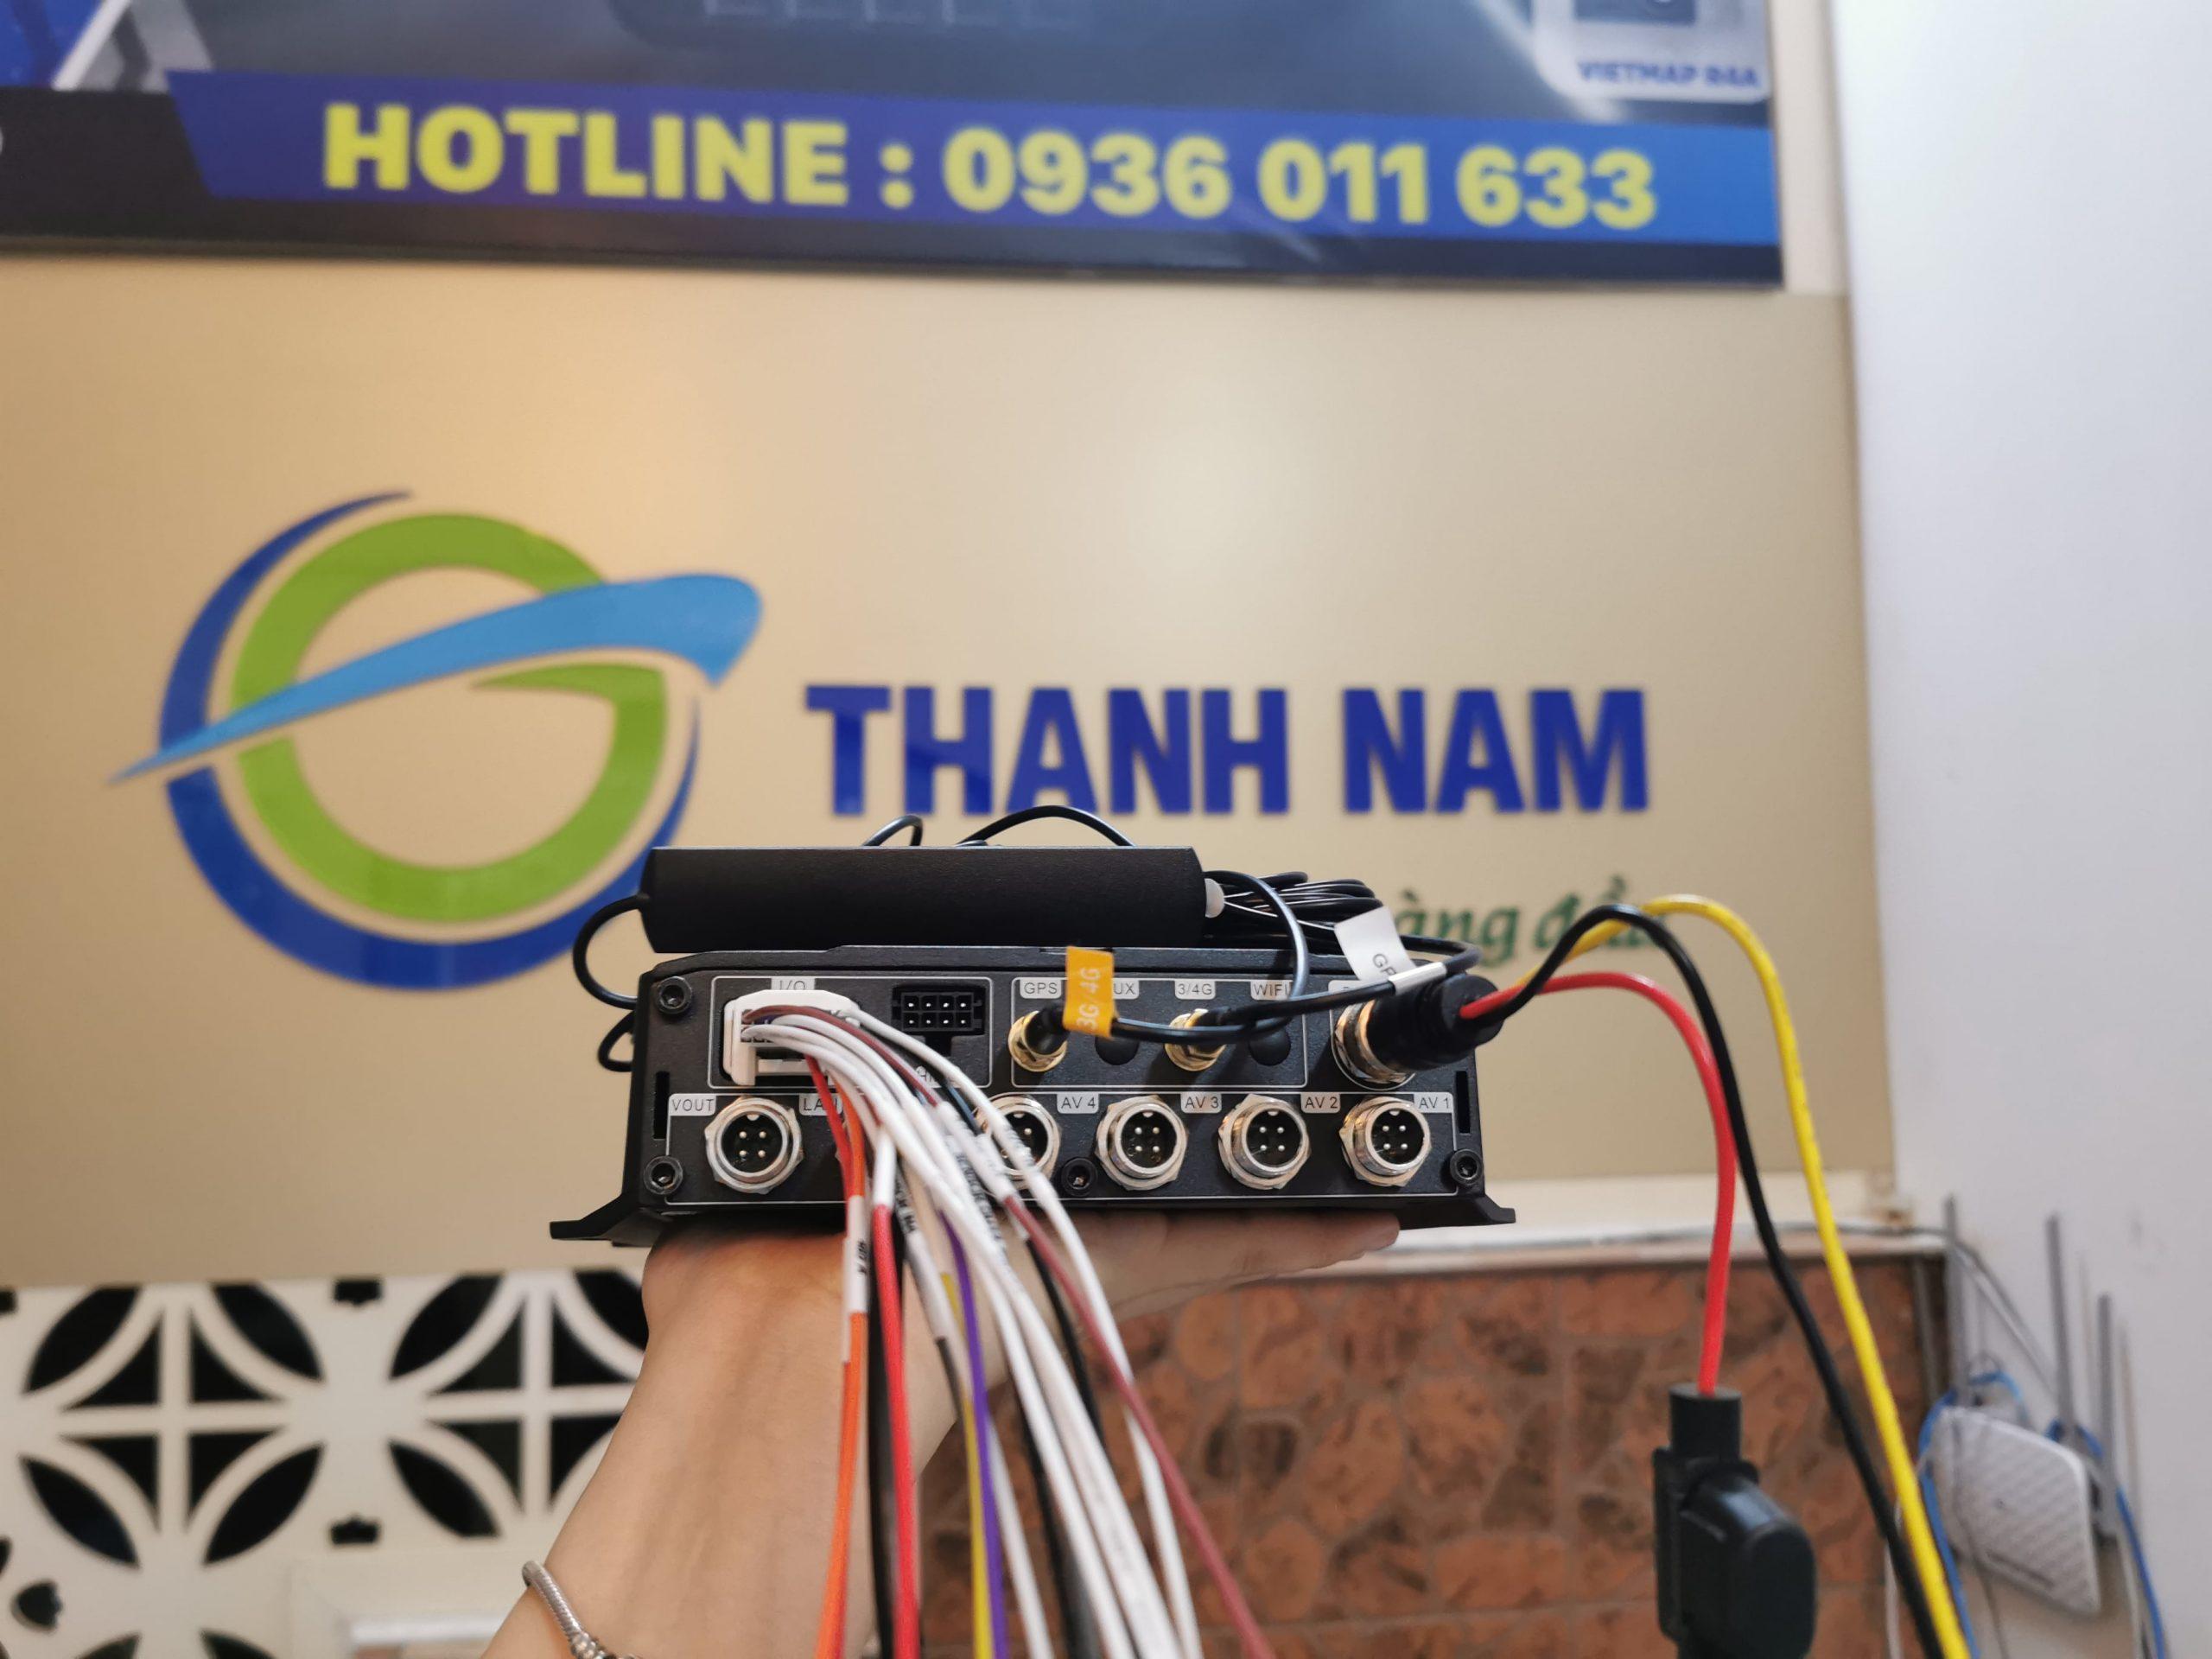 navicom ct05g lắp đặt cho phương tiện kinh doanh vận tải theo nghị định 10